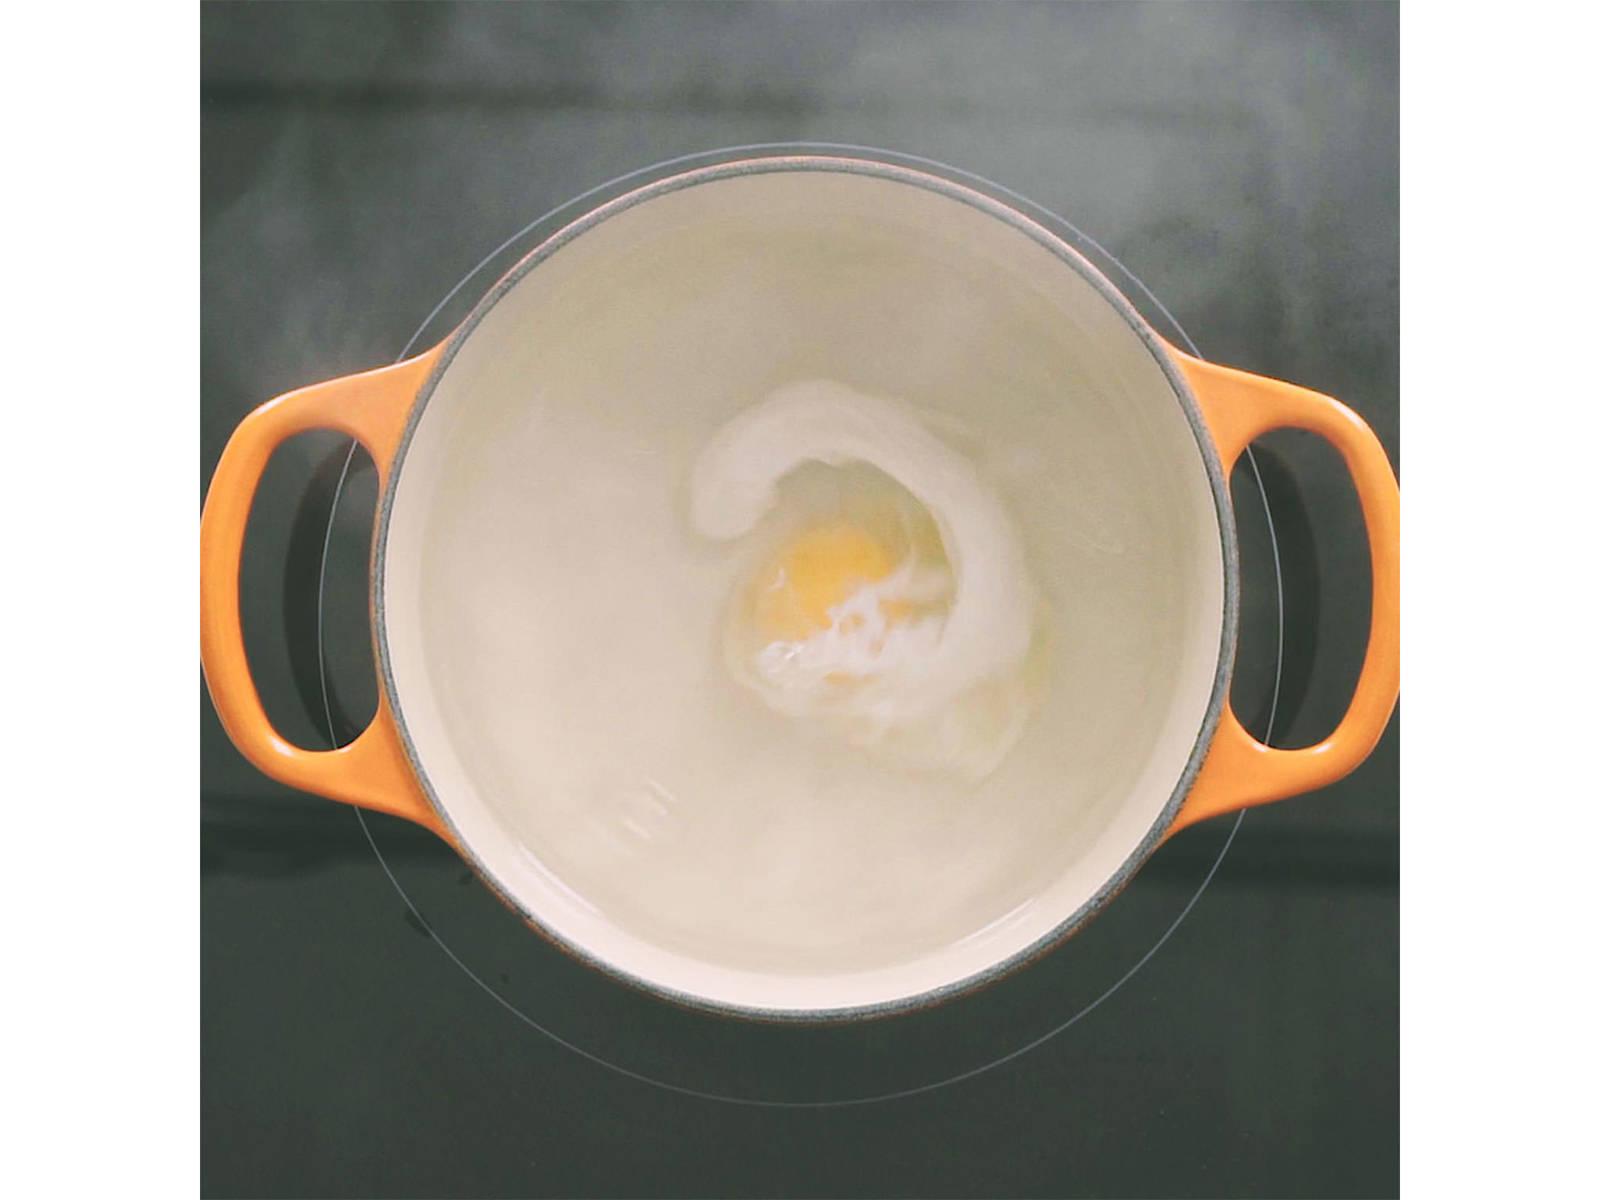 往中号汤锅中加少许水,煮至微沸。加盐与白醋。用木勺搅出旋涡,然后慢慢打下鸡蛋,煮至蛋白凝固,约3分钟。